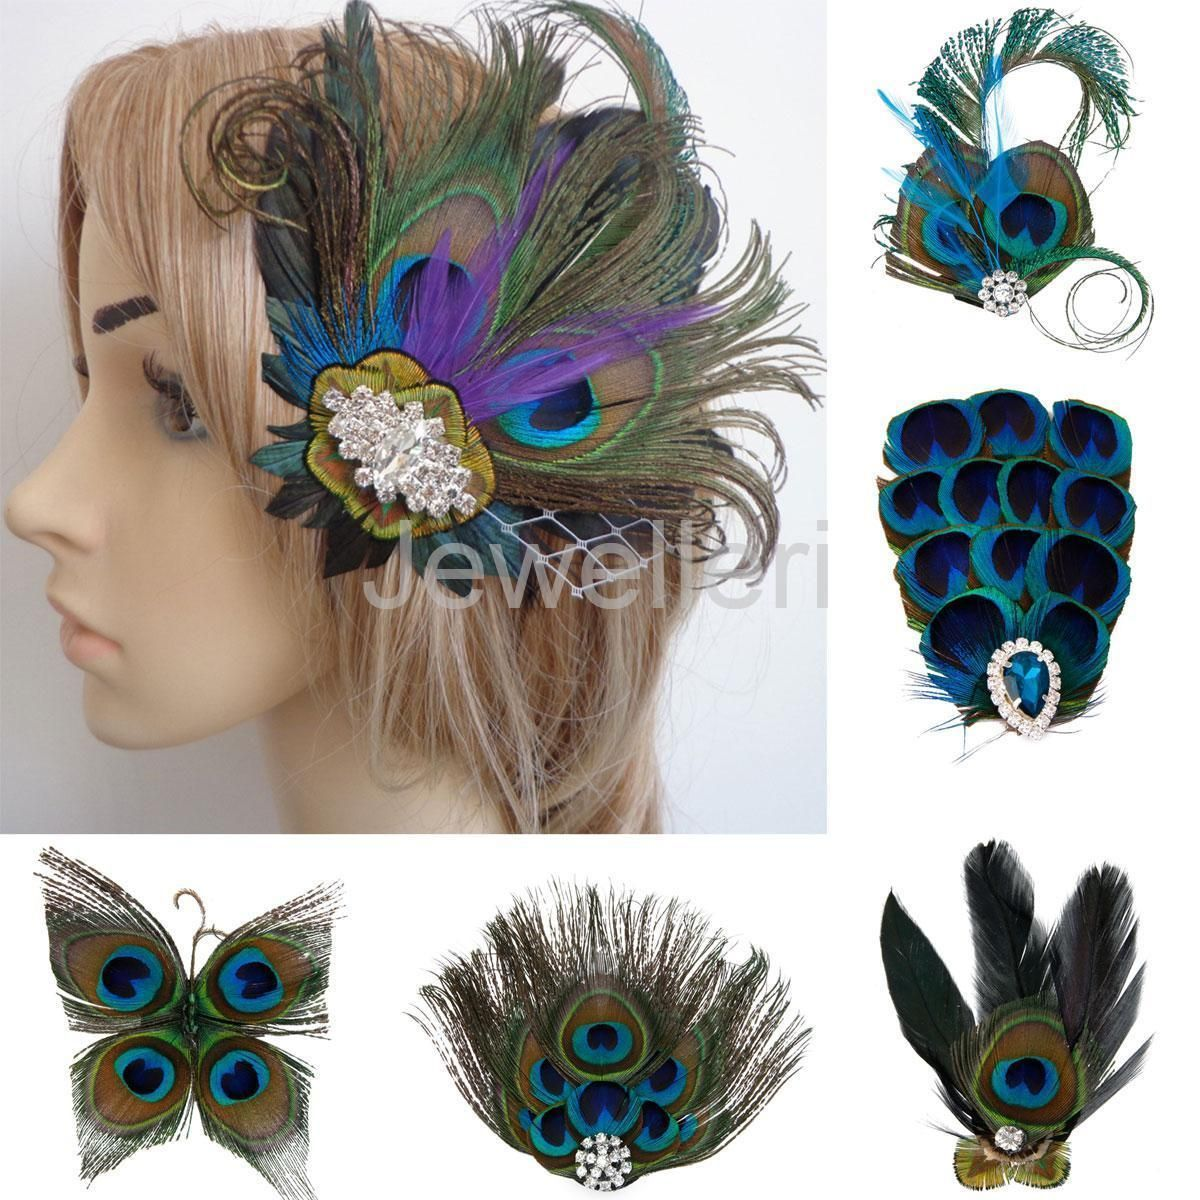 Vintage Peacock Feather Fascinator Hair Clip Wedding Dance Party Bride Headpiece